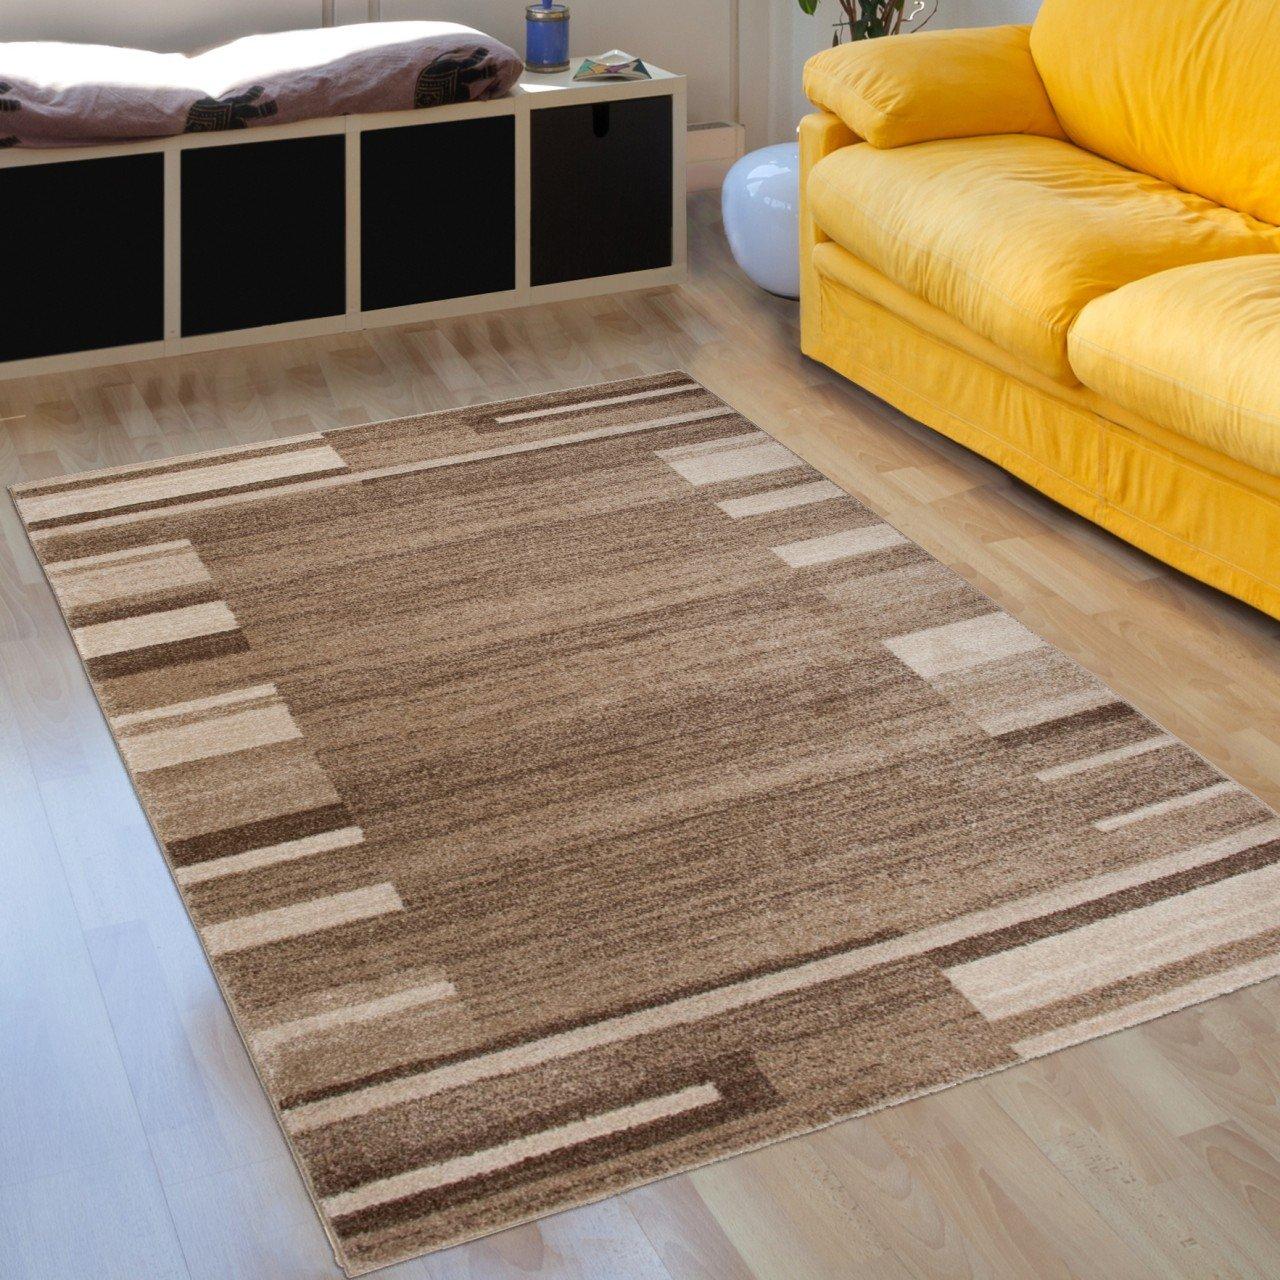 Designer Teppich Modern Wohnzimmer - Muster Meliert mit Bordüre in Beige - Kurzflor Teppiche Neu - Prestige Kollektion 190 x 270 cm